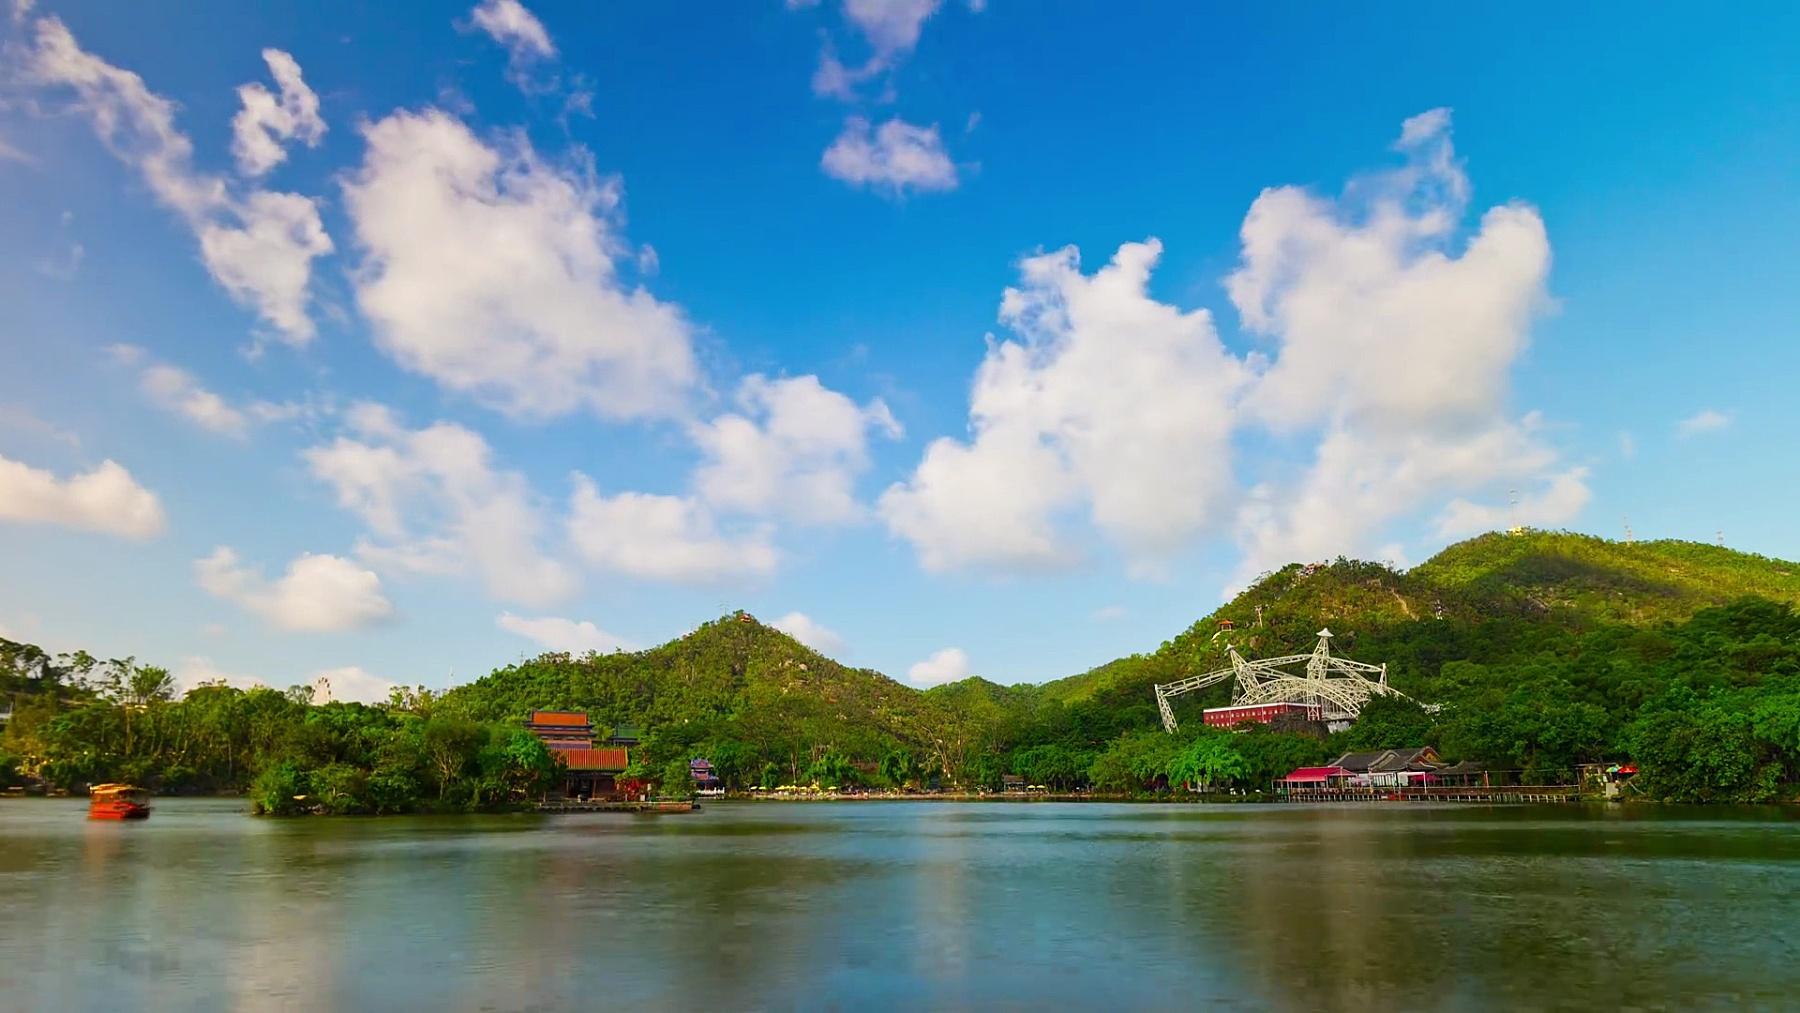 中国晴天珠海市著名公园湖山全景 延时